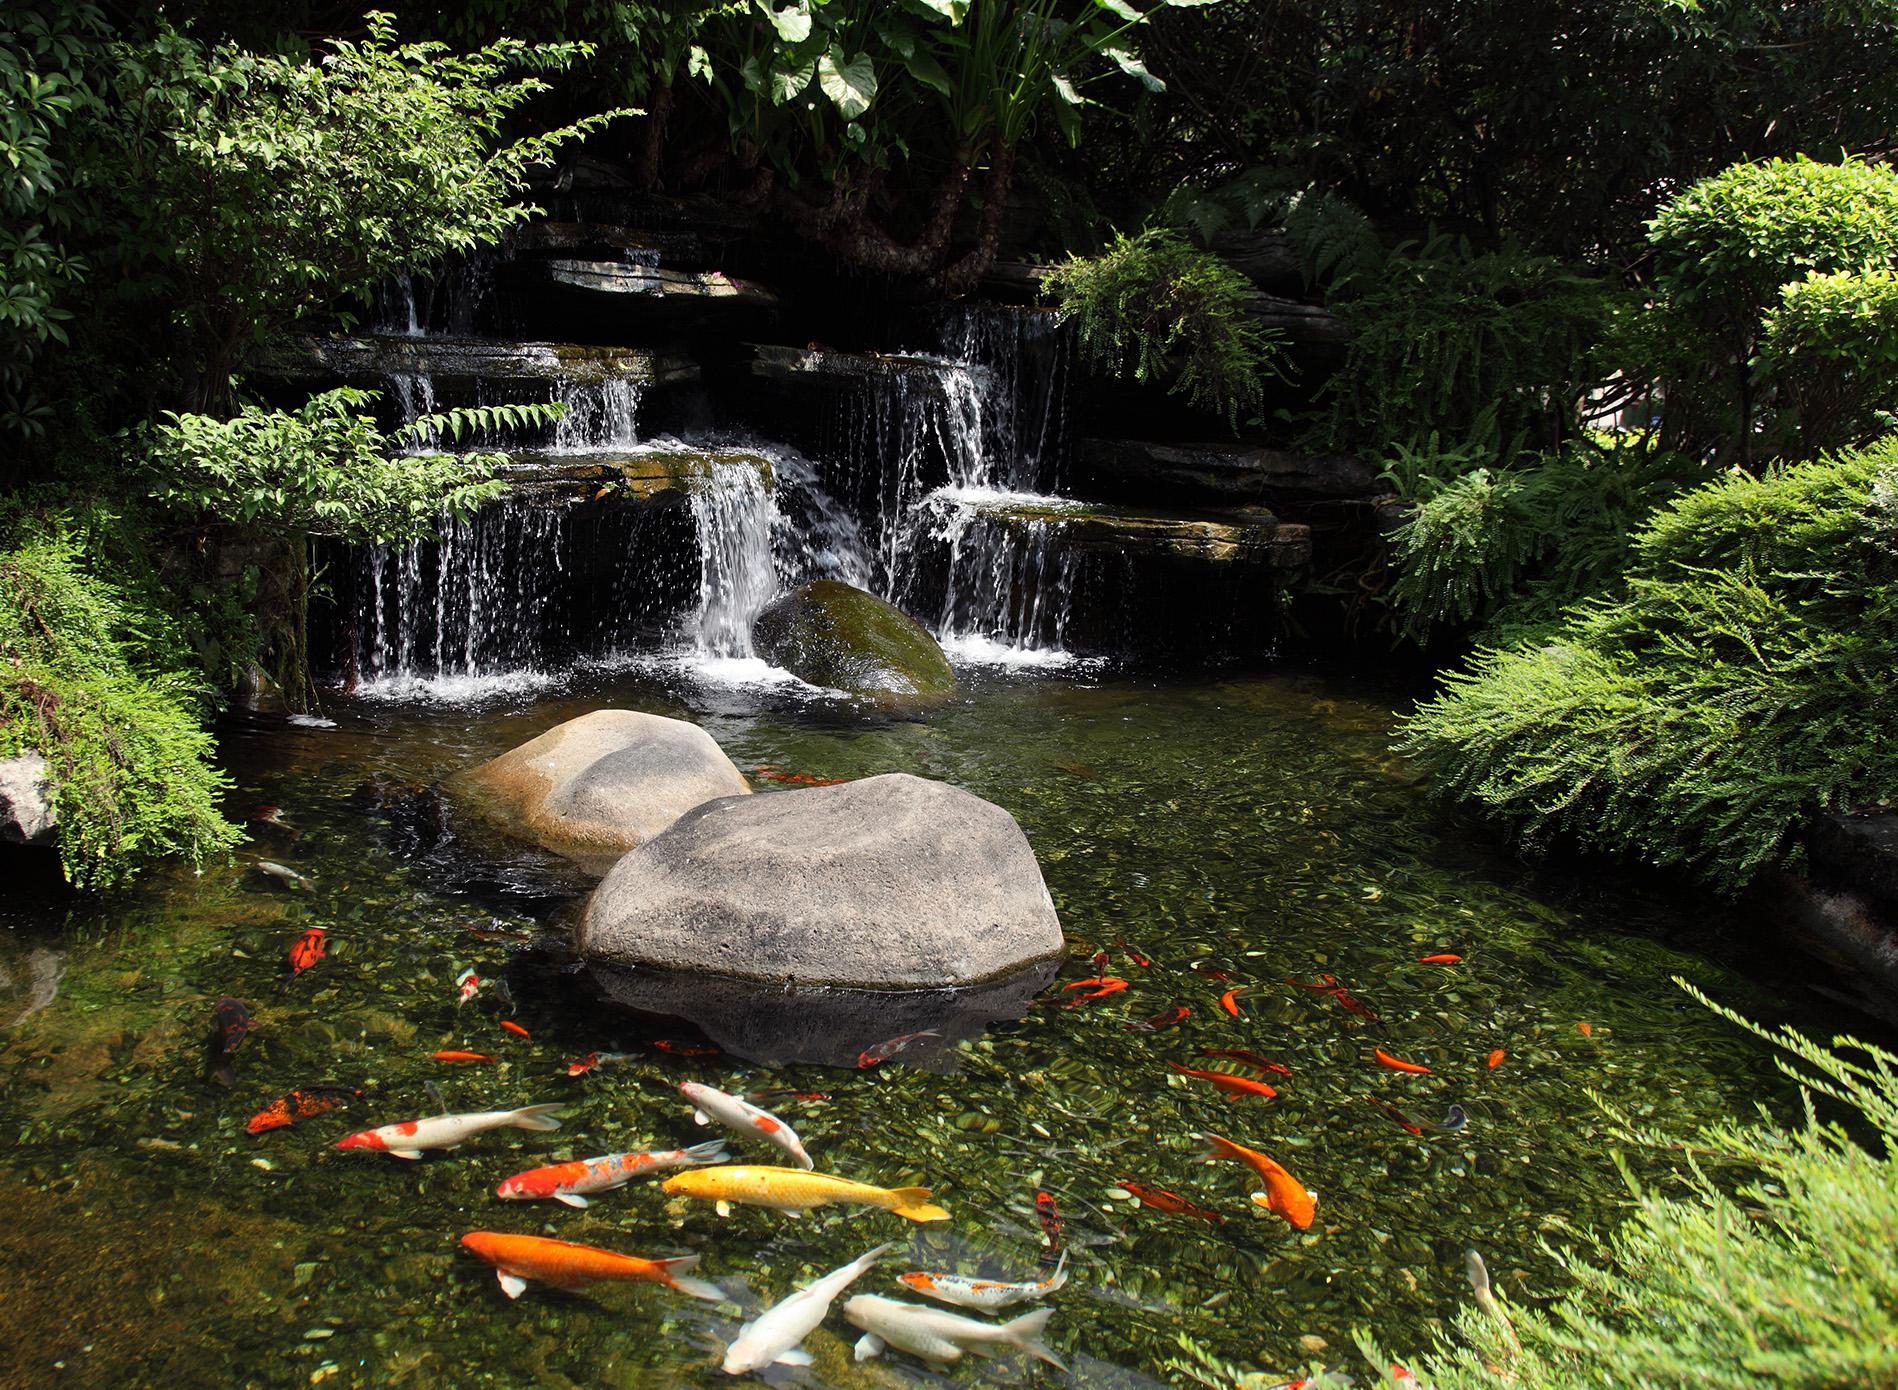 20 Koi Pond Ideas To Create A Unique Garden | I Do Myself on Koi Ponds Ideas  id=78991